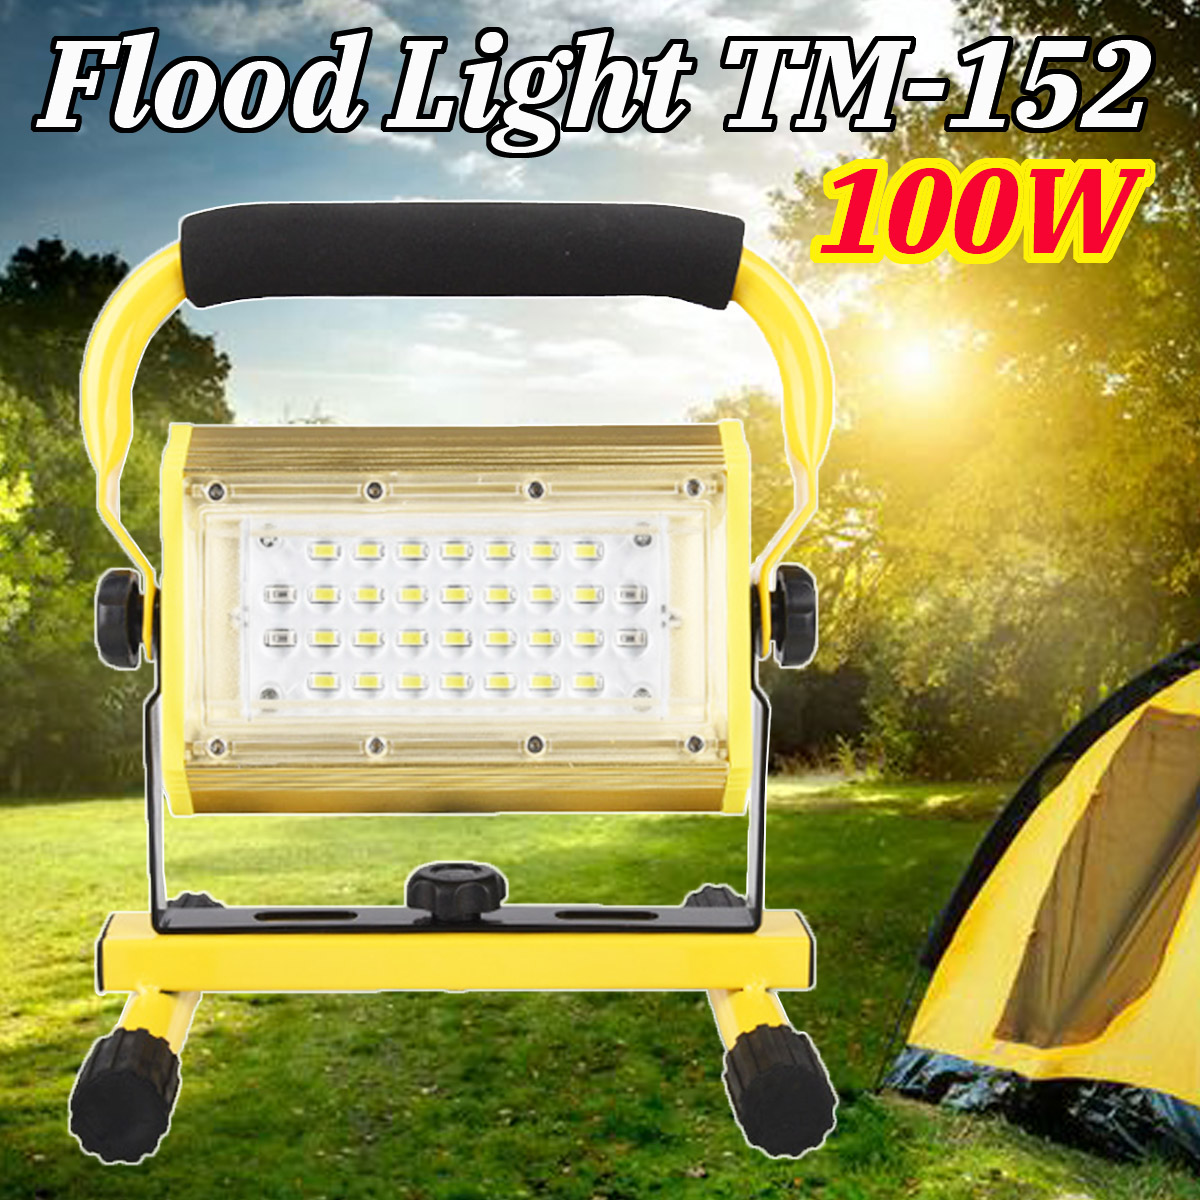 Nouveau 2400lm 100 W LED Portable COB lumière d'inondation lampe de poche LED lumière de travail étanche IP65 pour le Camping en plein air